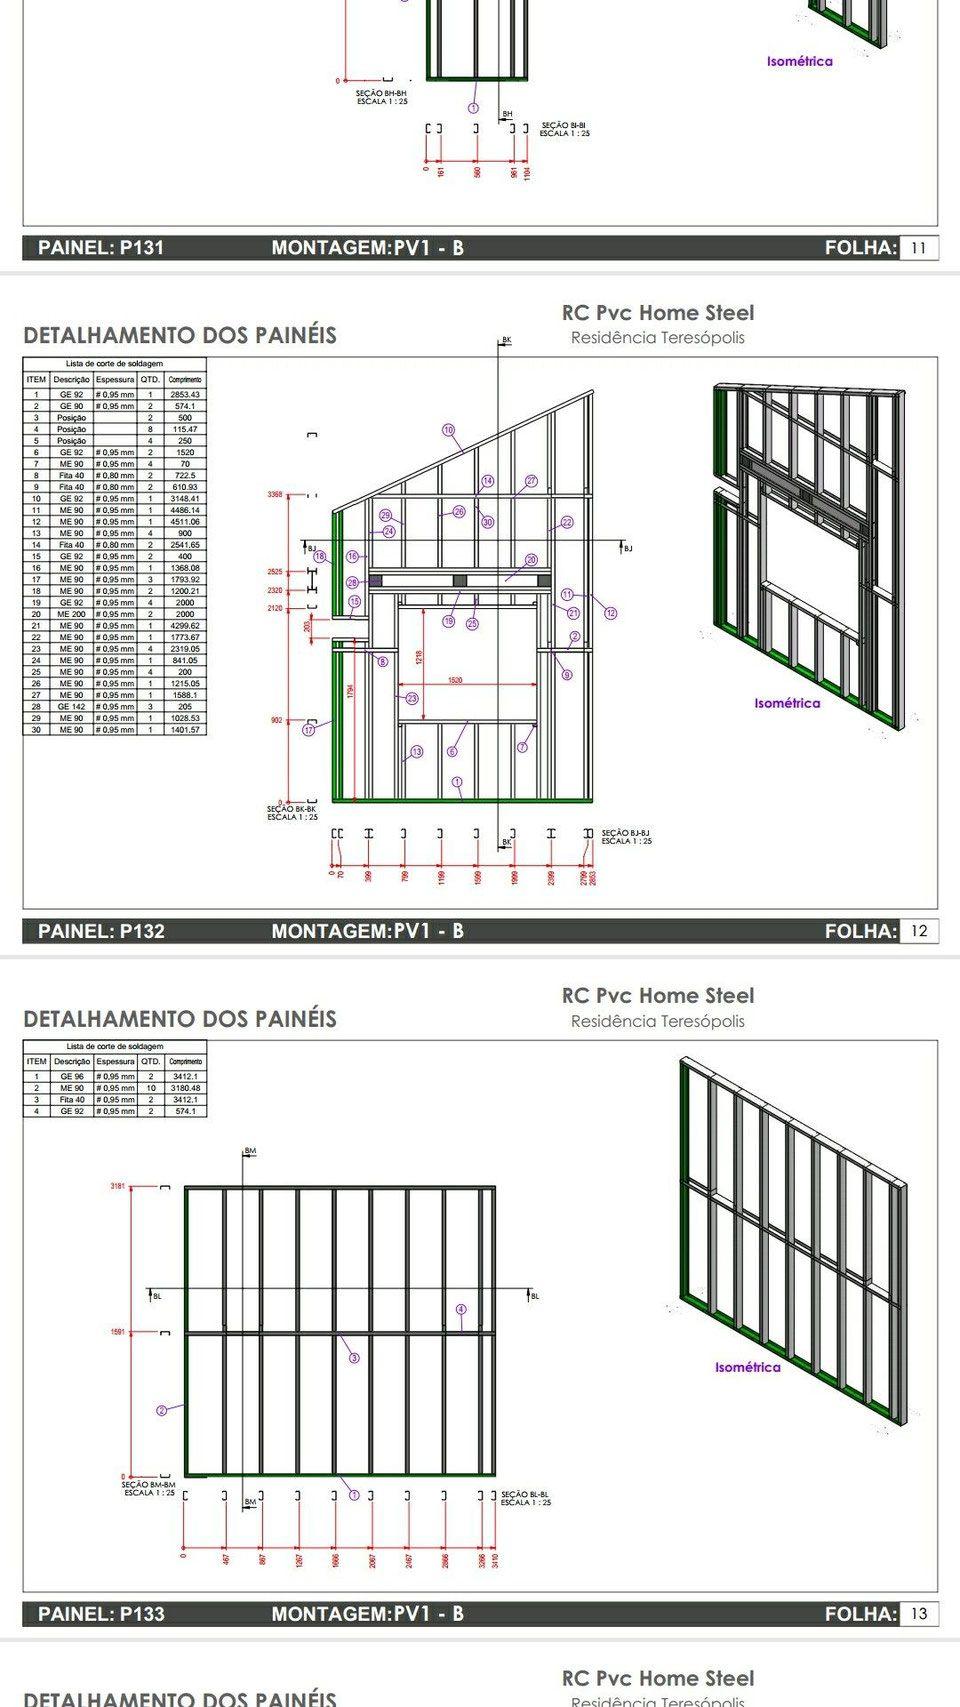 Viviendas En Perfiles Galvanizados Chilecubica Construccion En Seco Casas Planos De Construccion De Vivienda Casas Con Estructura De Acero